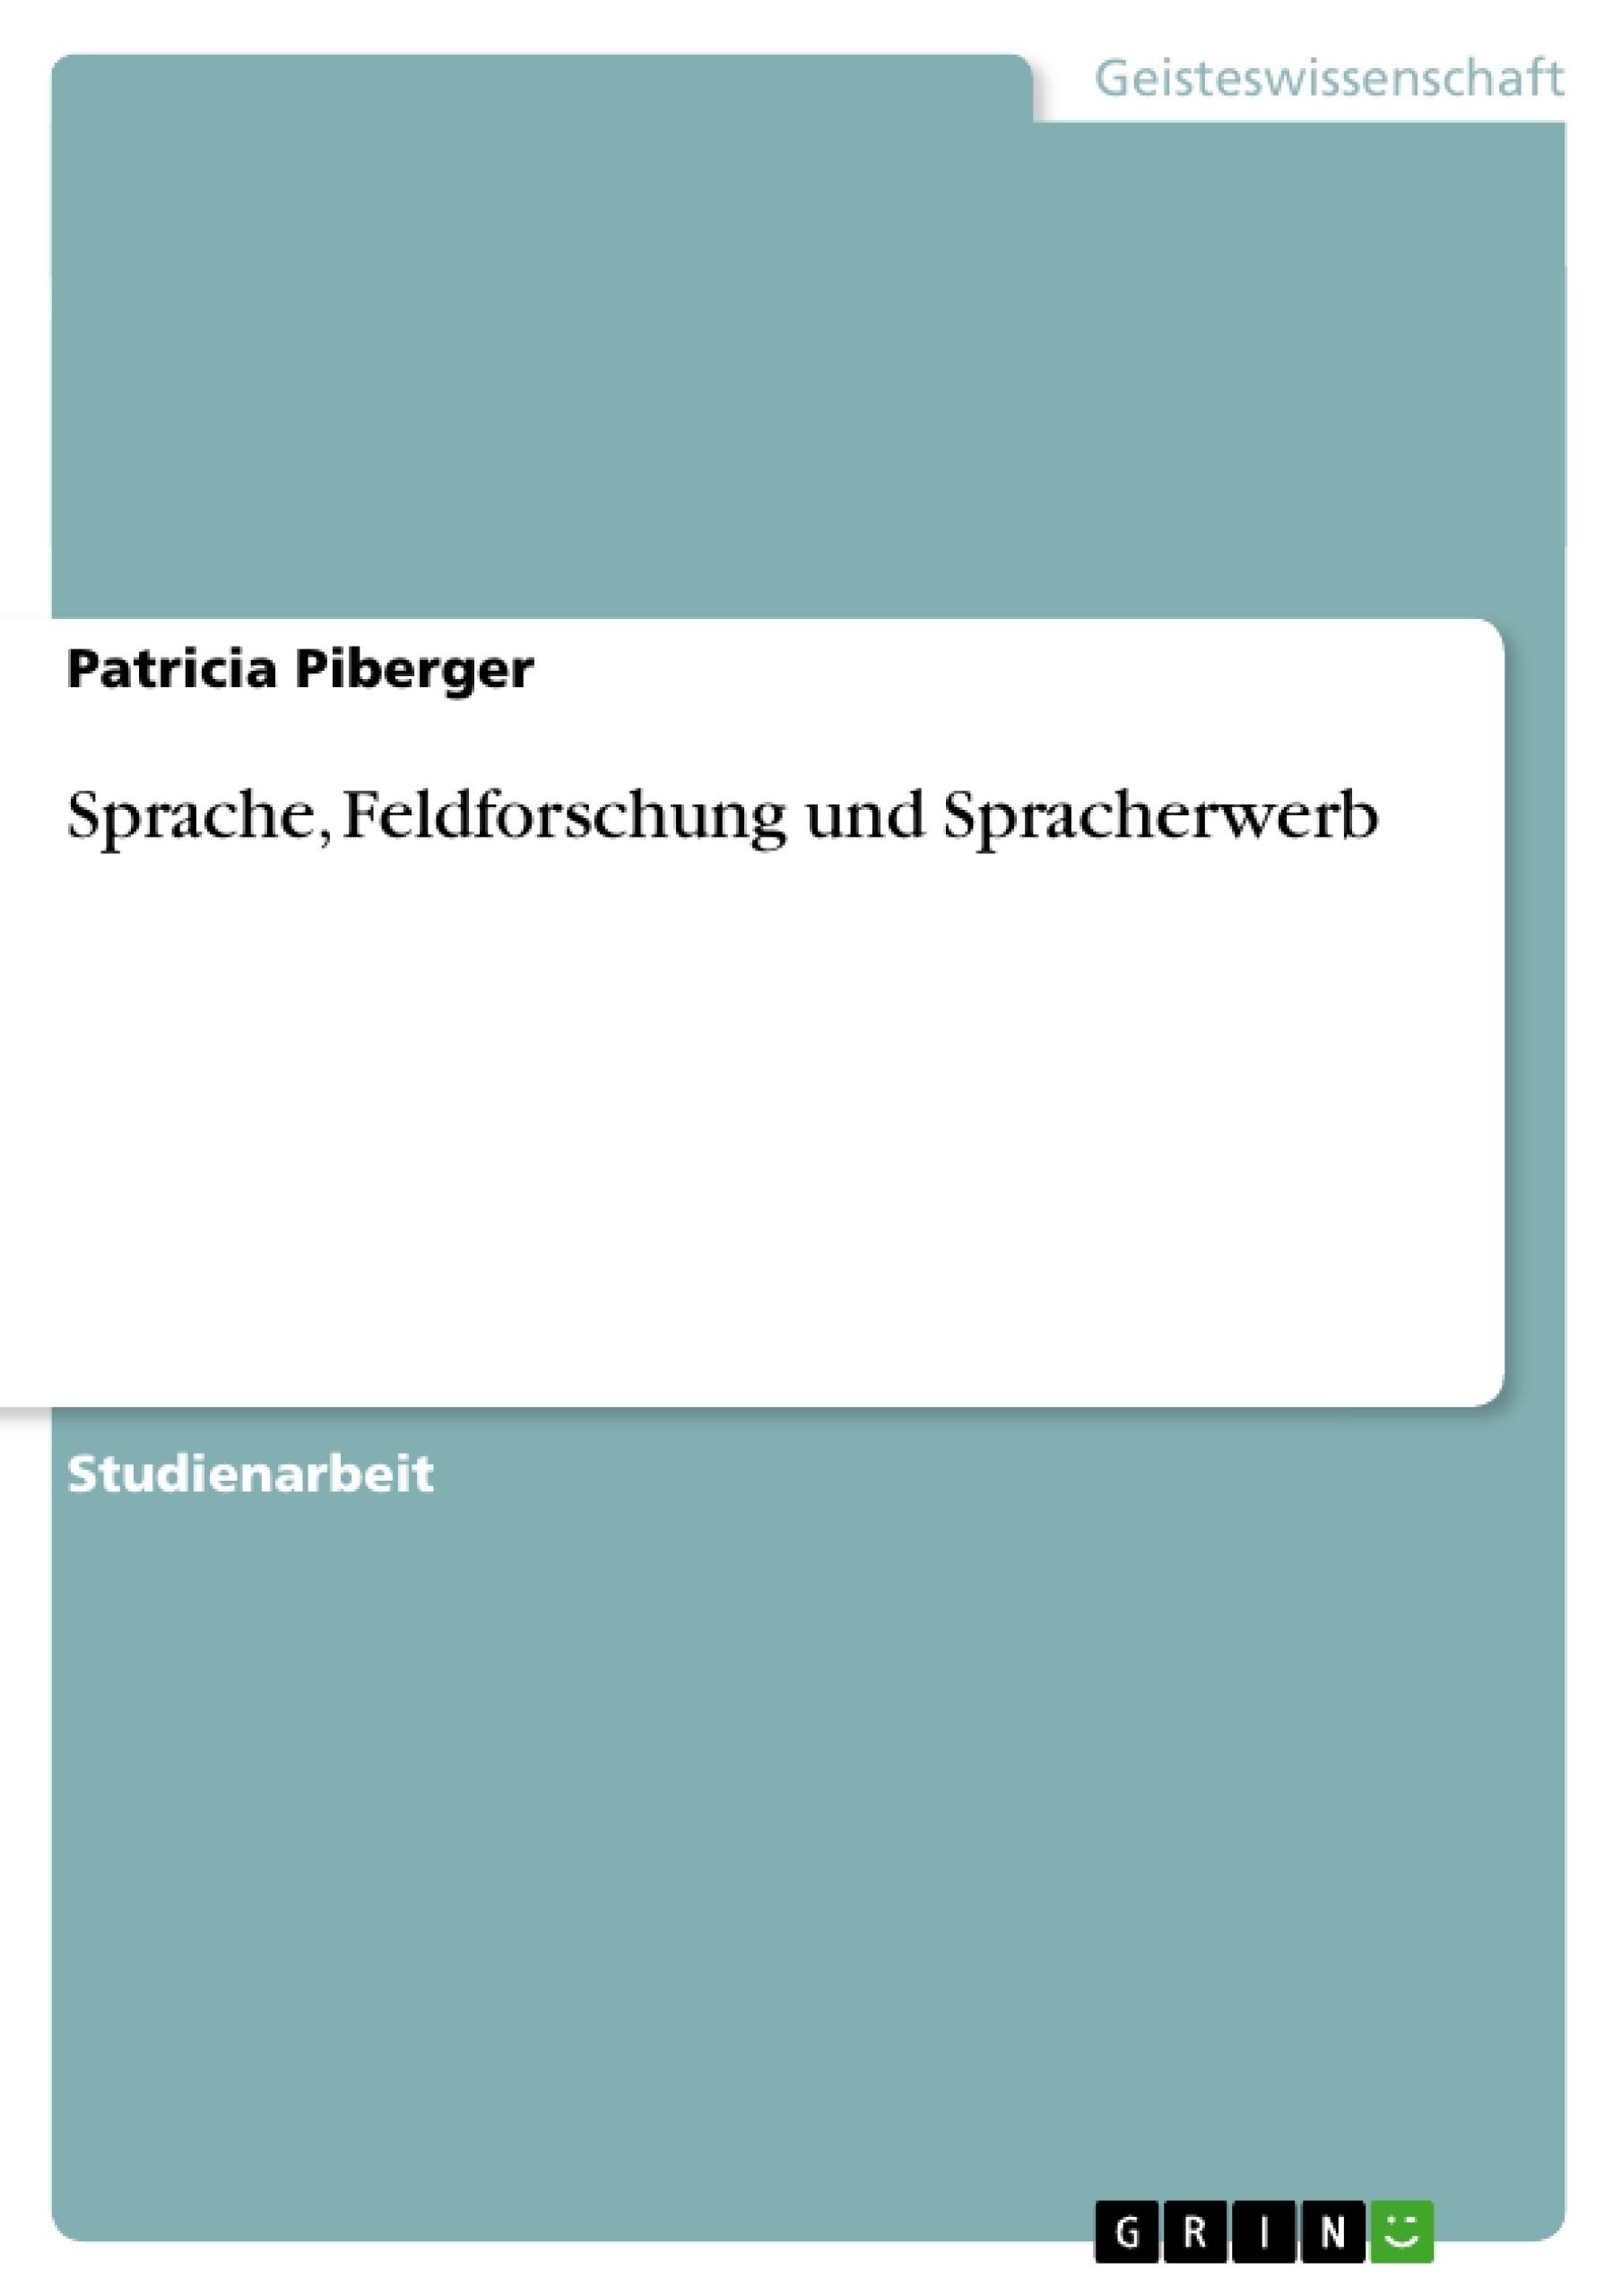 Titel: Sprache, Feldforschung und Spracherwerb